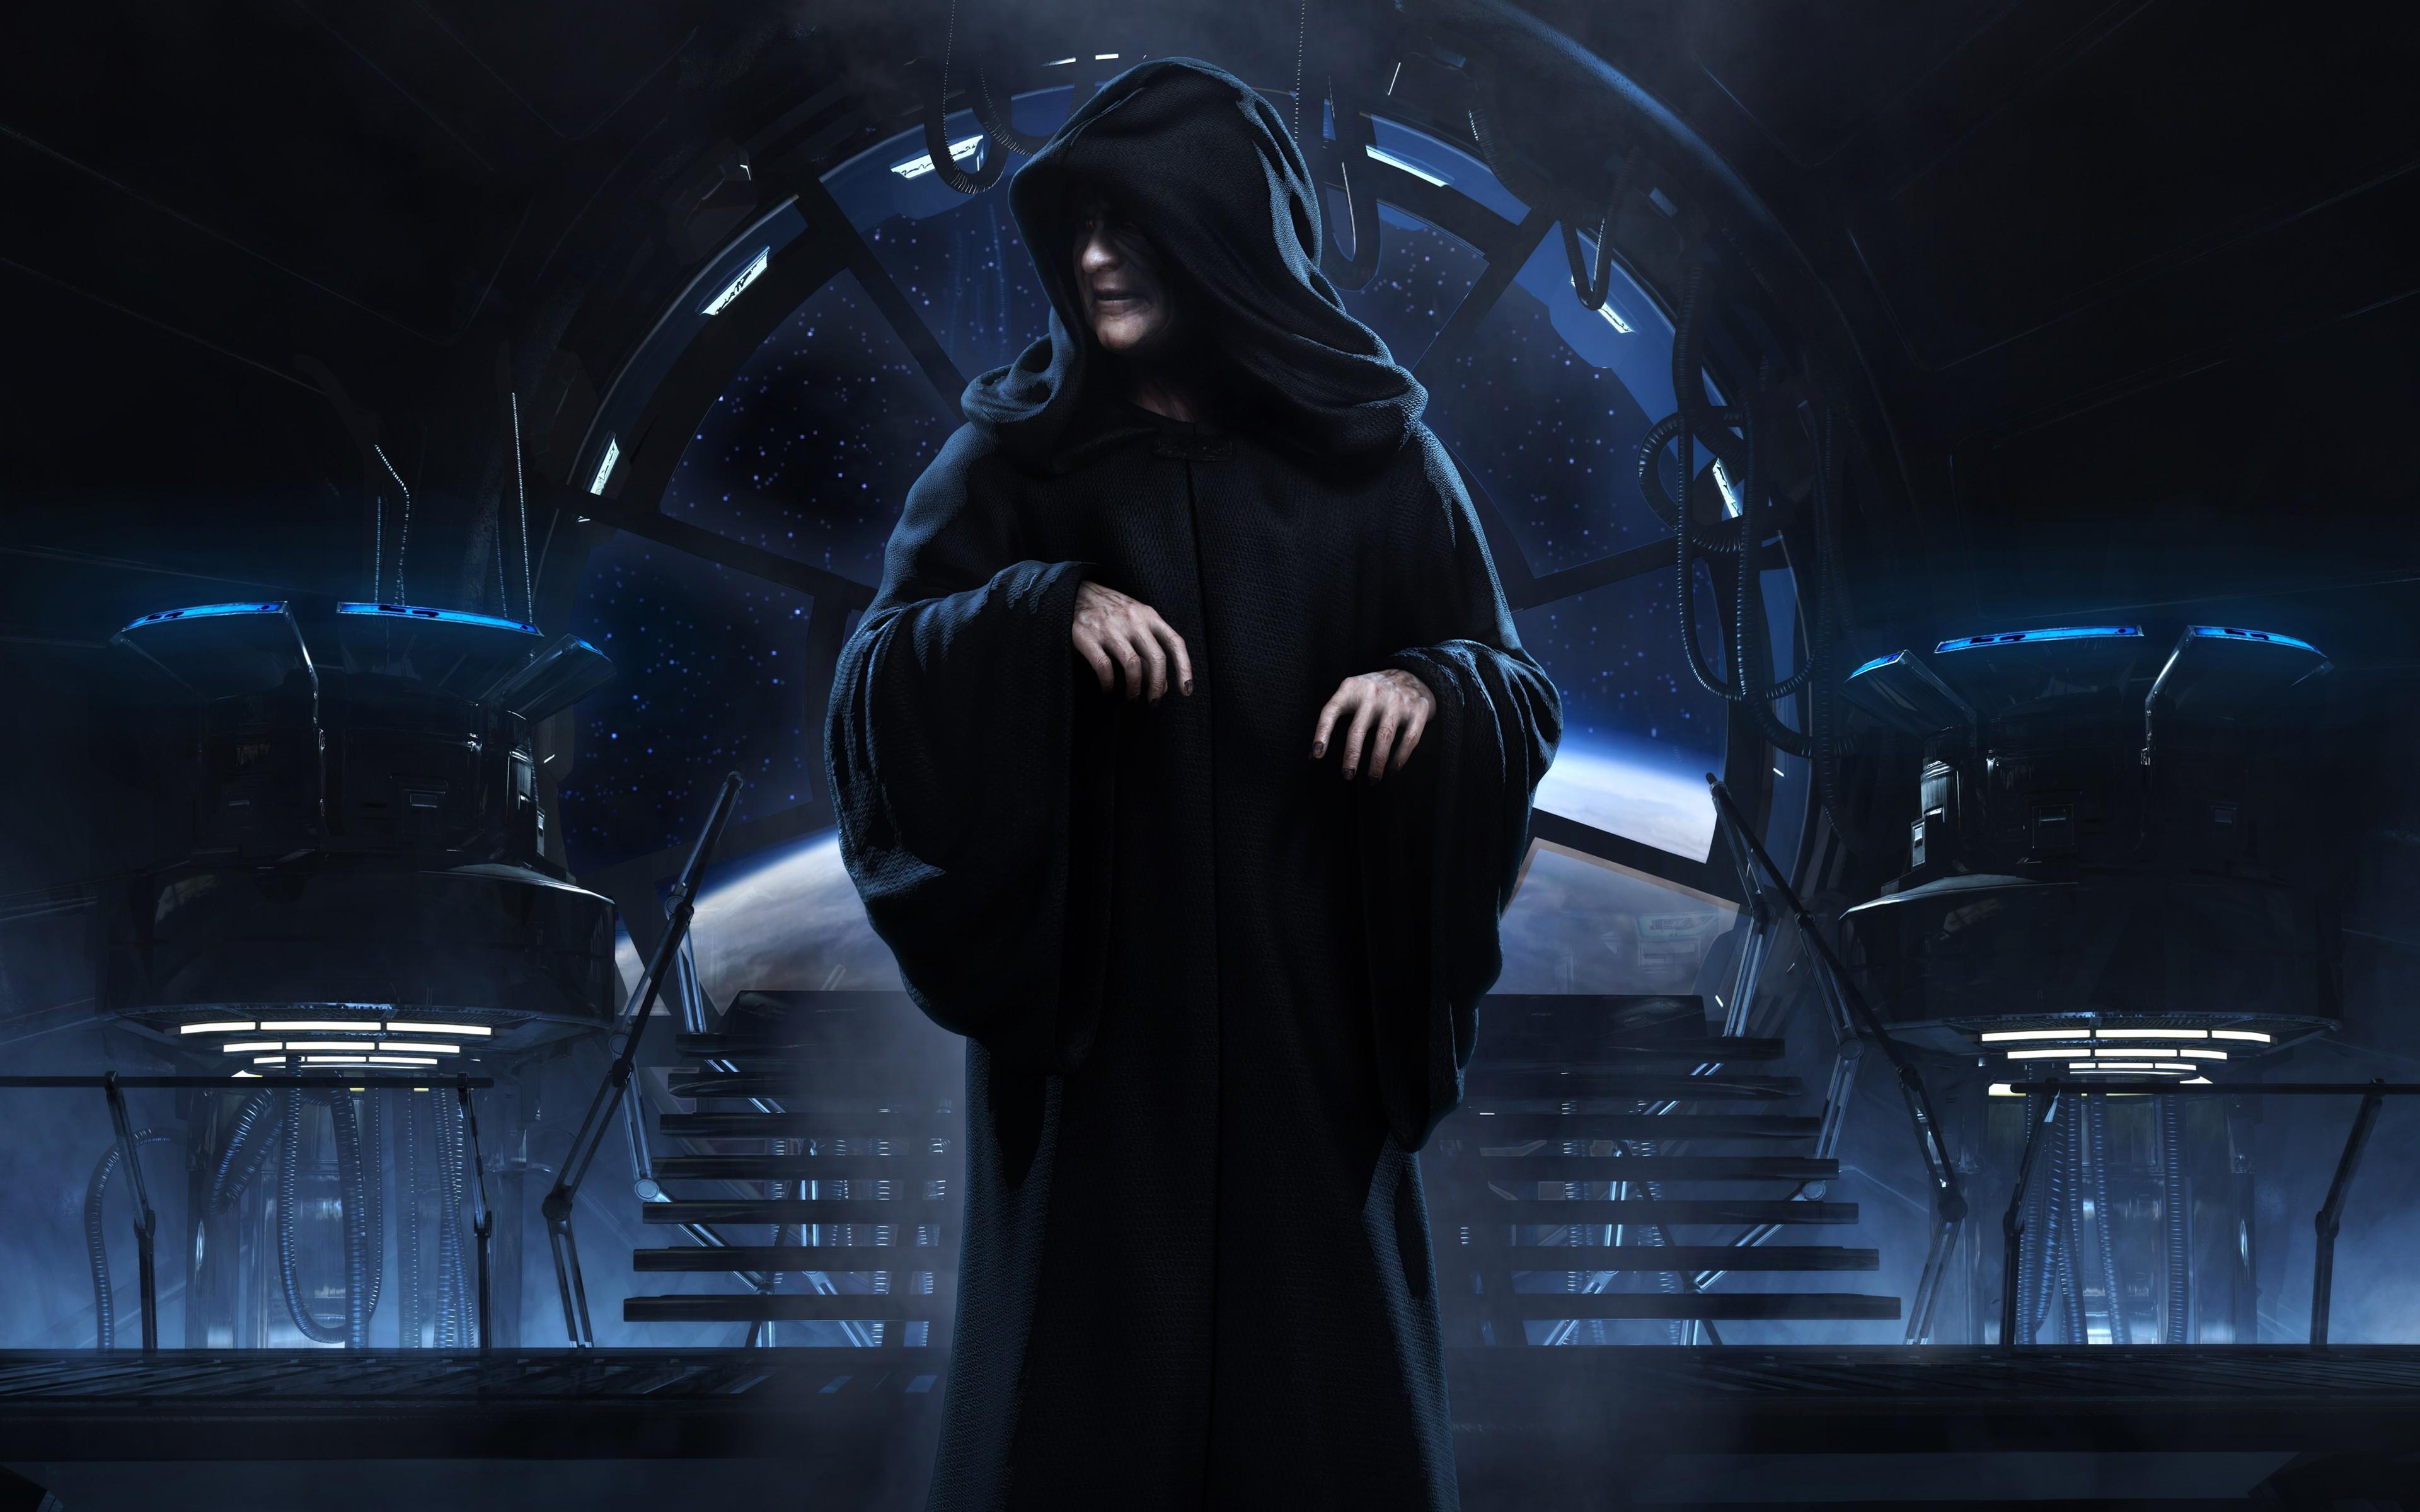 3840x2400 Px Palpatine Sith Star Wars